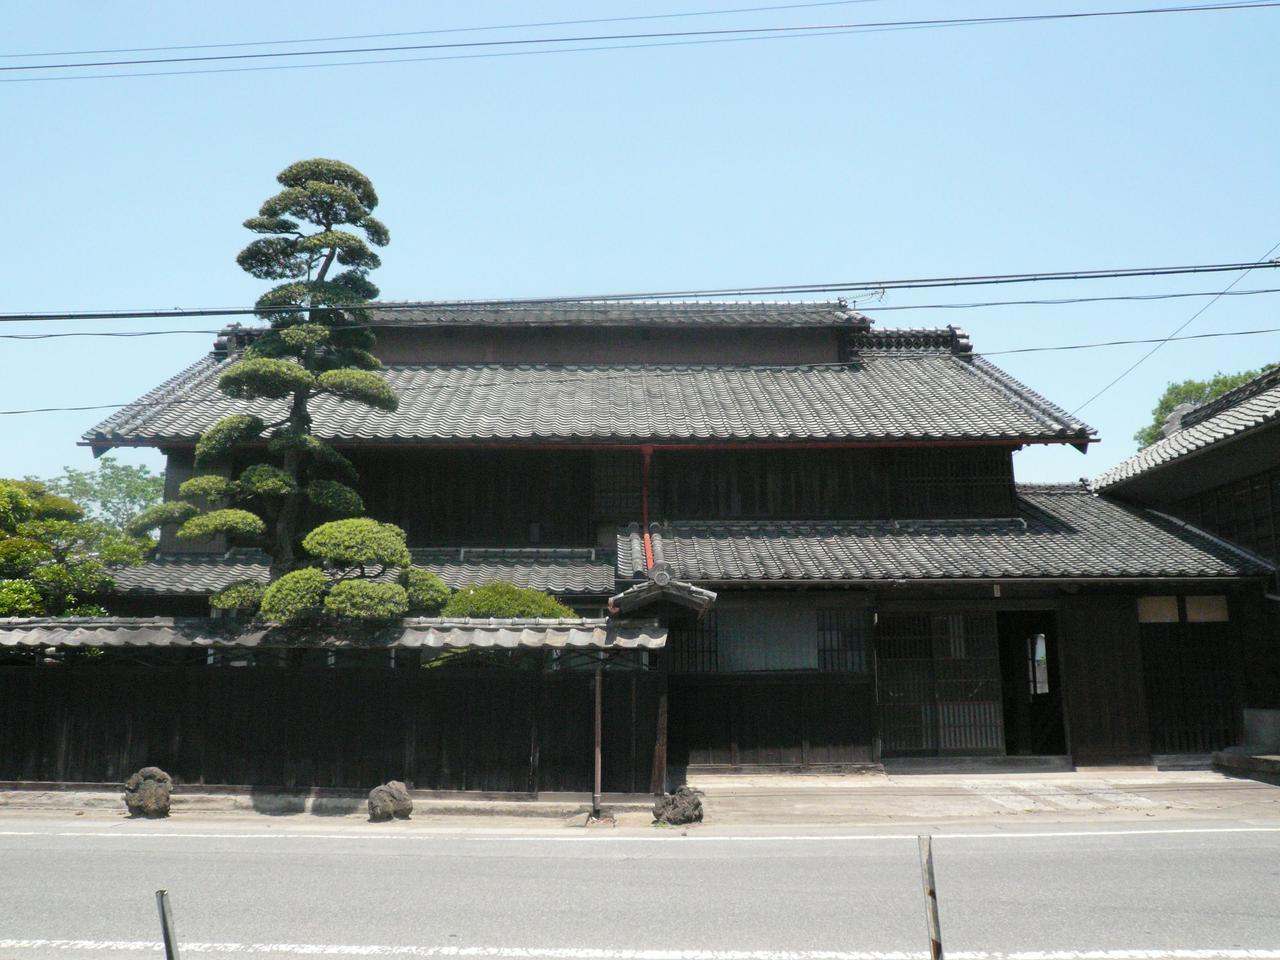 画像2: 写真提供:埼玉県深谷市